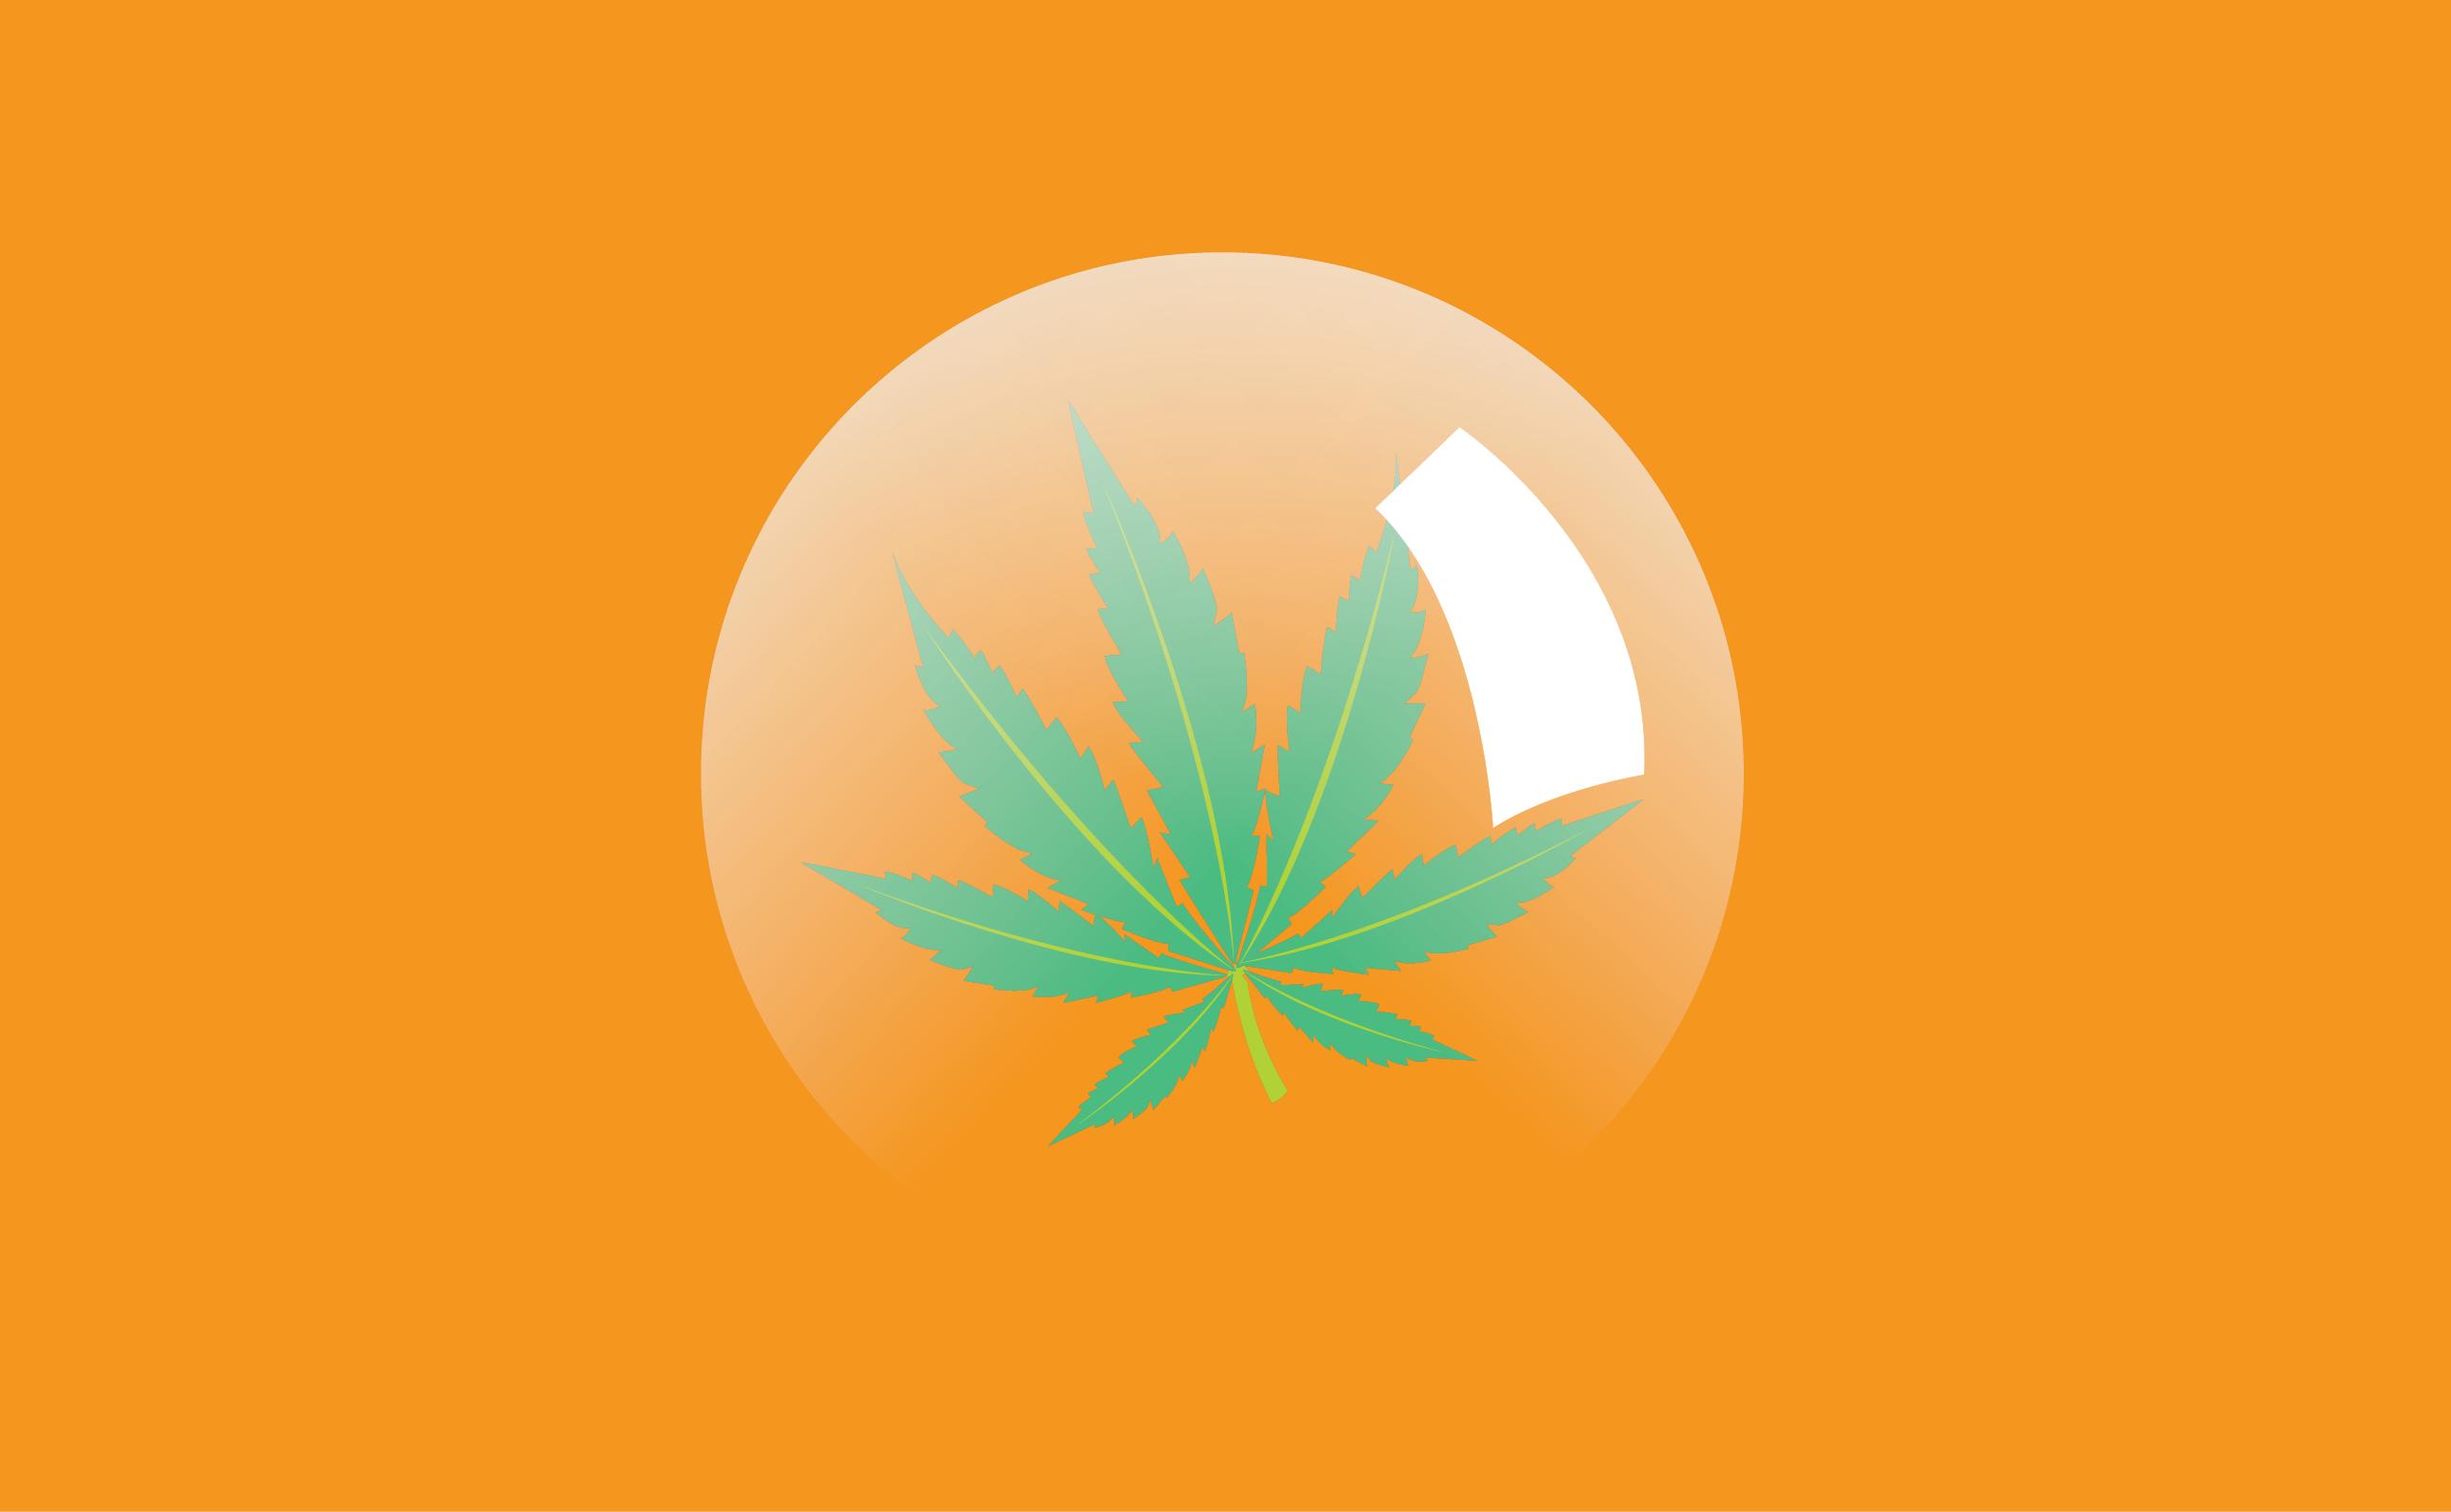 Ilustração de folha de cannabis dentro de uma bolha semitransparente em um fundo laranja